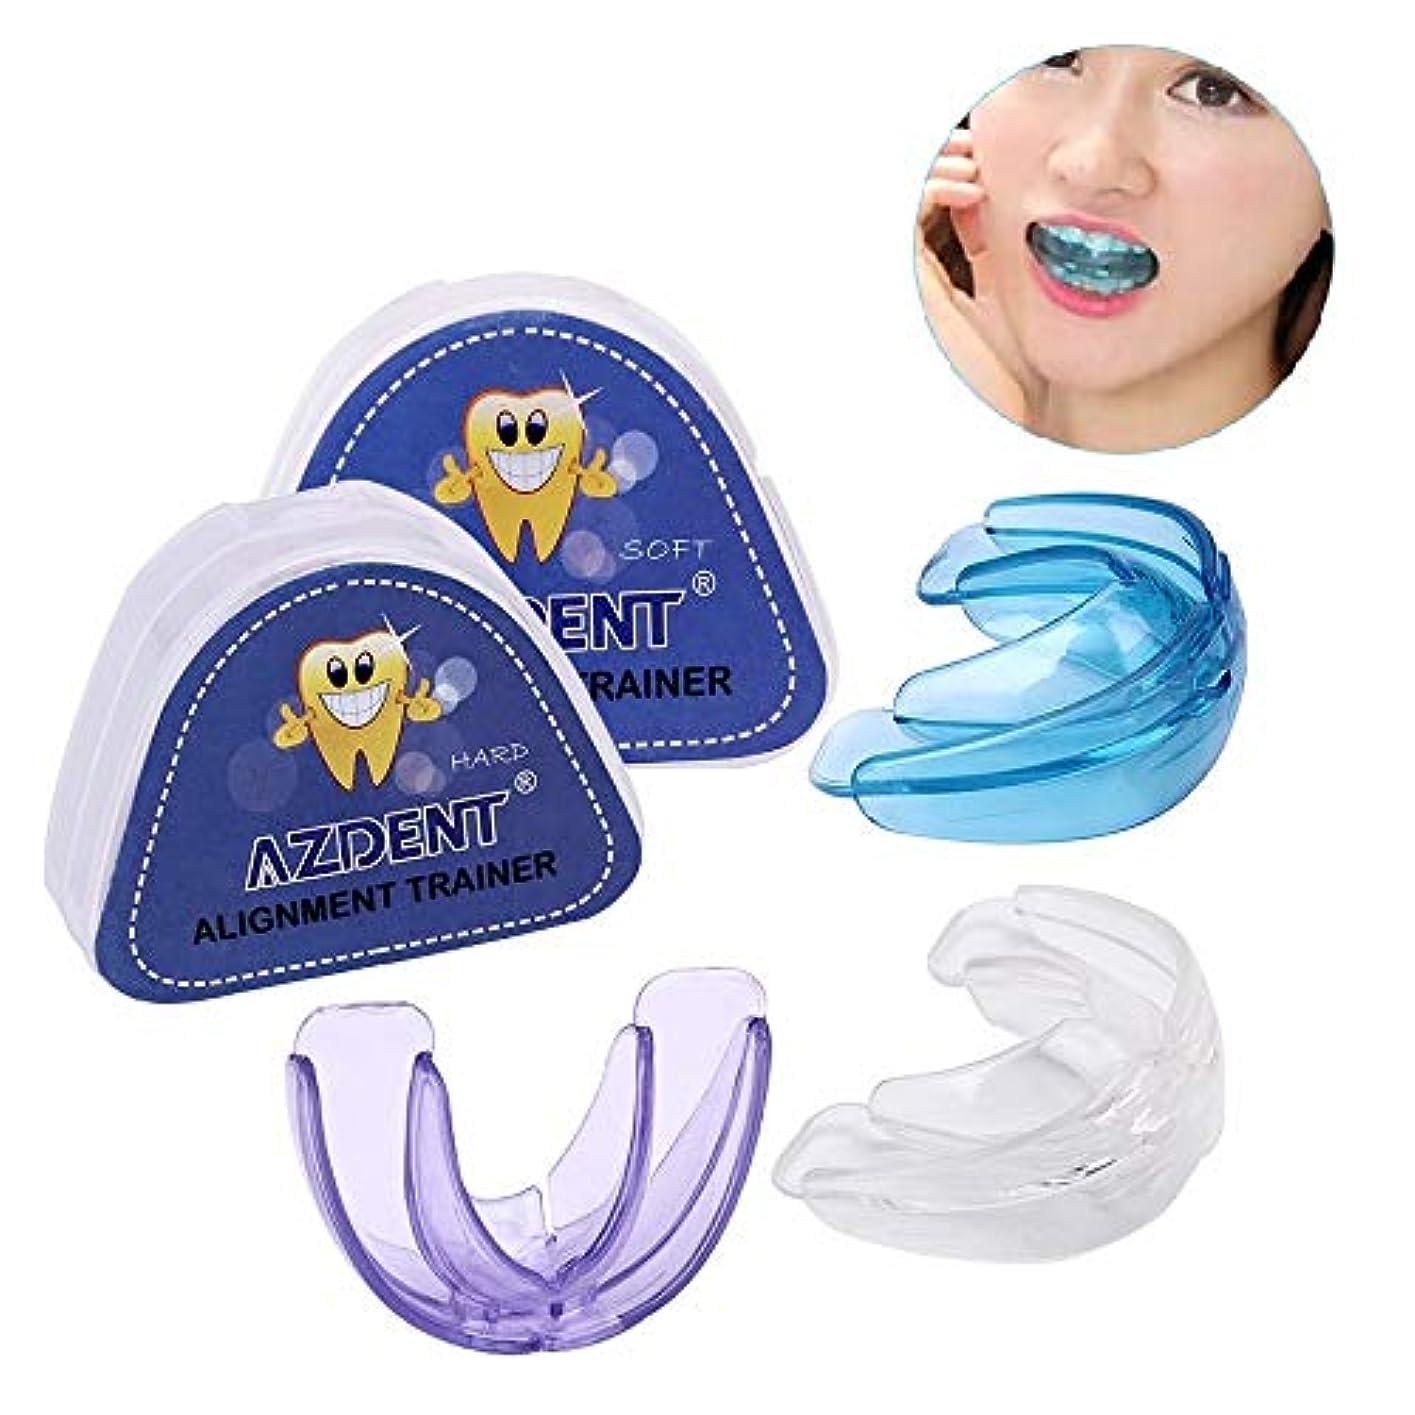 ベーリング海峡化学薬品強大な1 SET(SOFT+HARD) Pro Silicone Tooth Orthodontic Dental Appliance Trainer Alignment Braces For Teeth Straight Alignment...